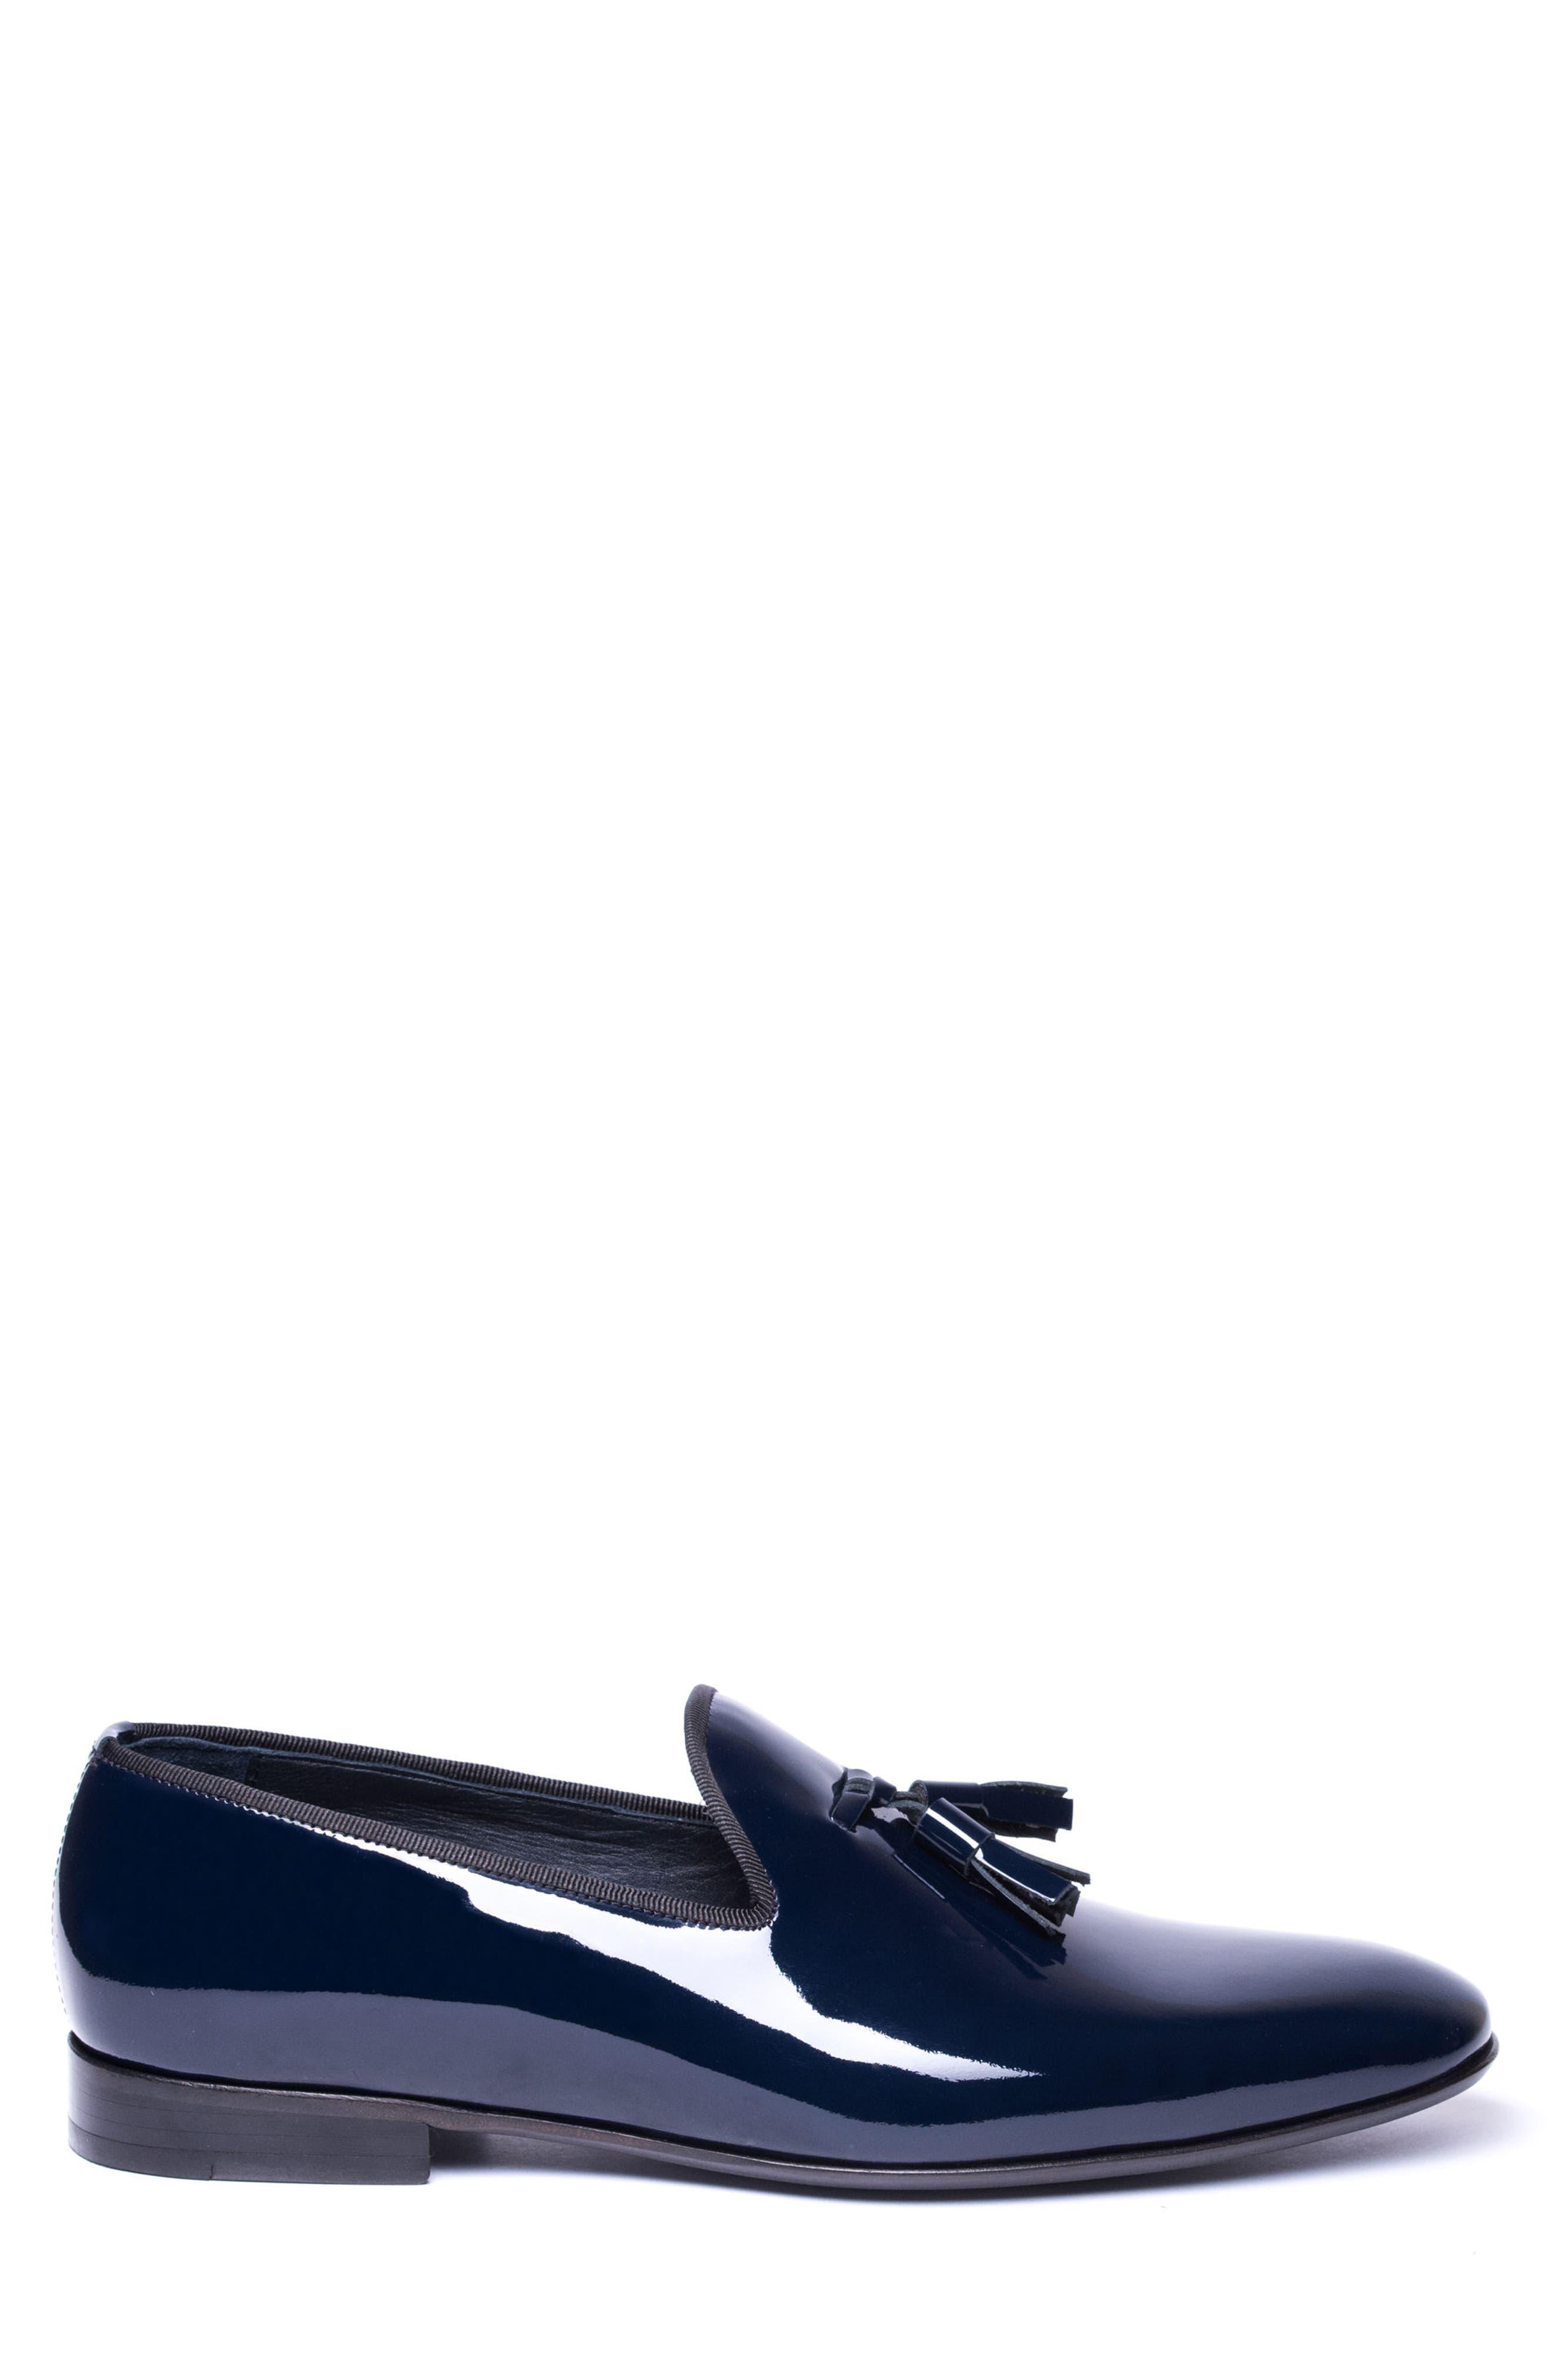 Enzo Tasseled Venetian Loafer,                             Alternate thumbnail 3, color,                             Navy Leather